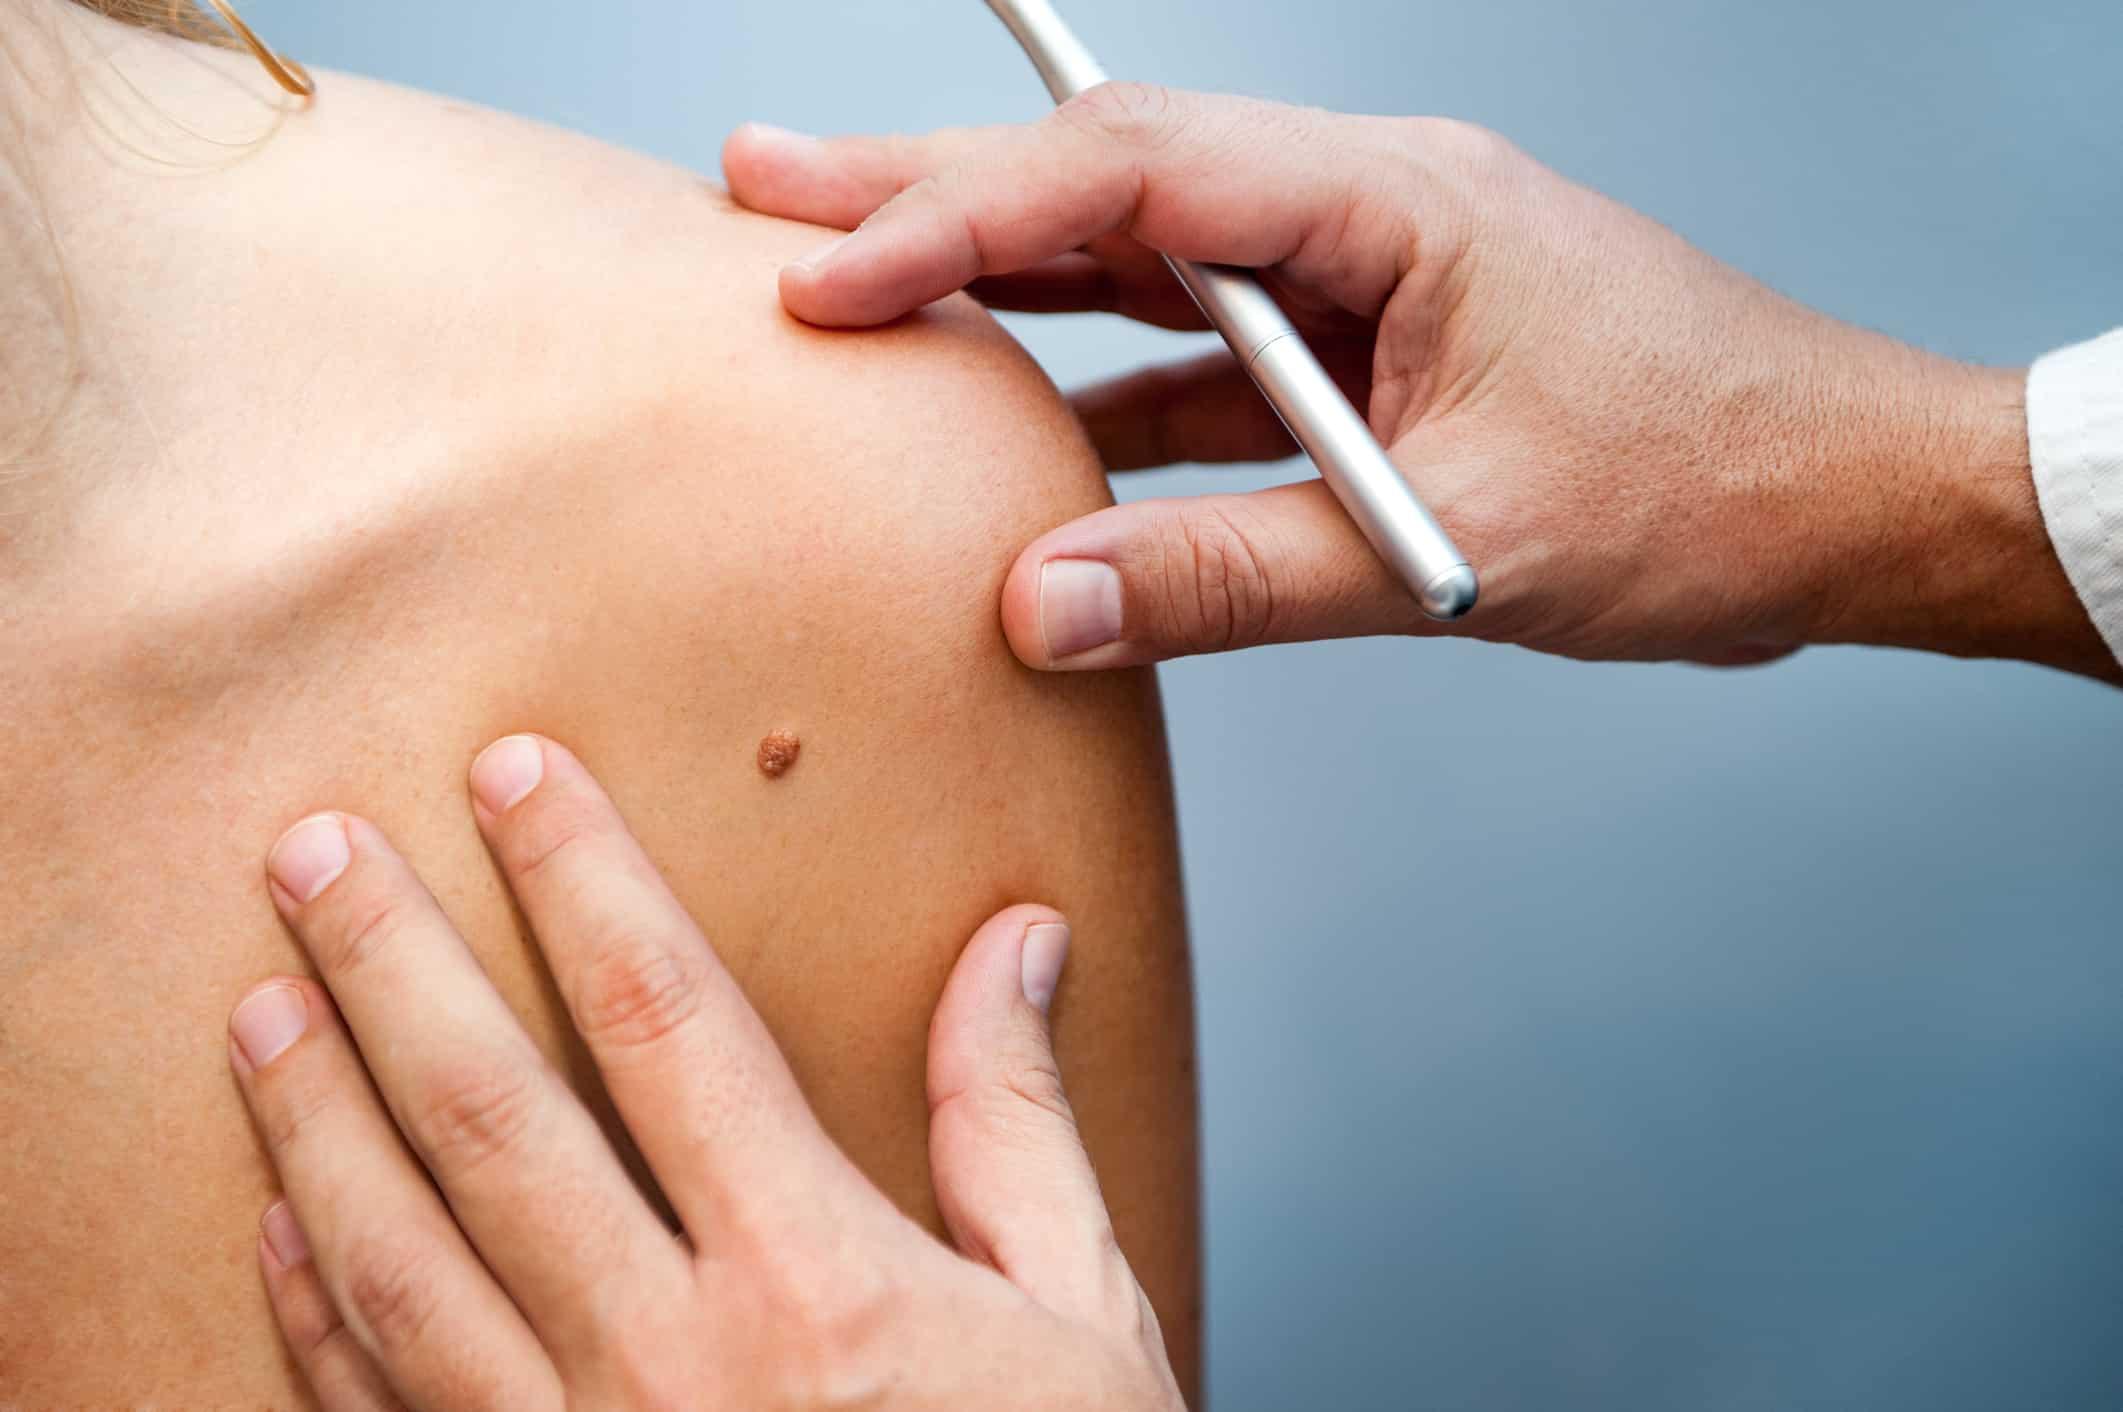 Skin Cancer Awareness Month 2019 National Awareness Days Calendar 2020 2021